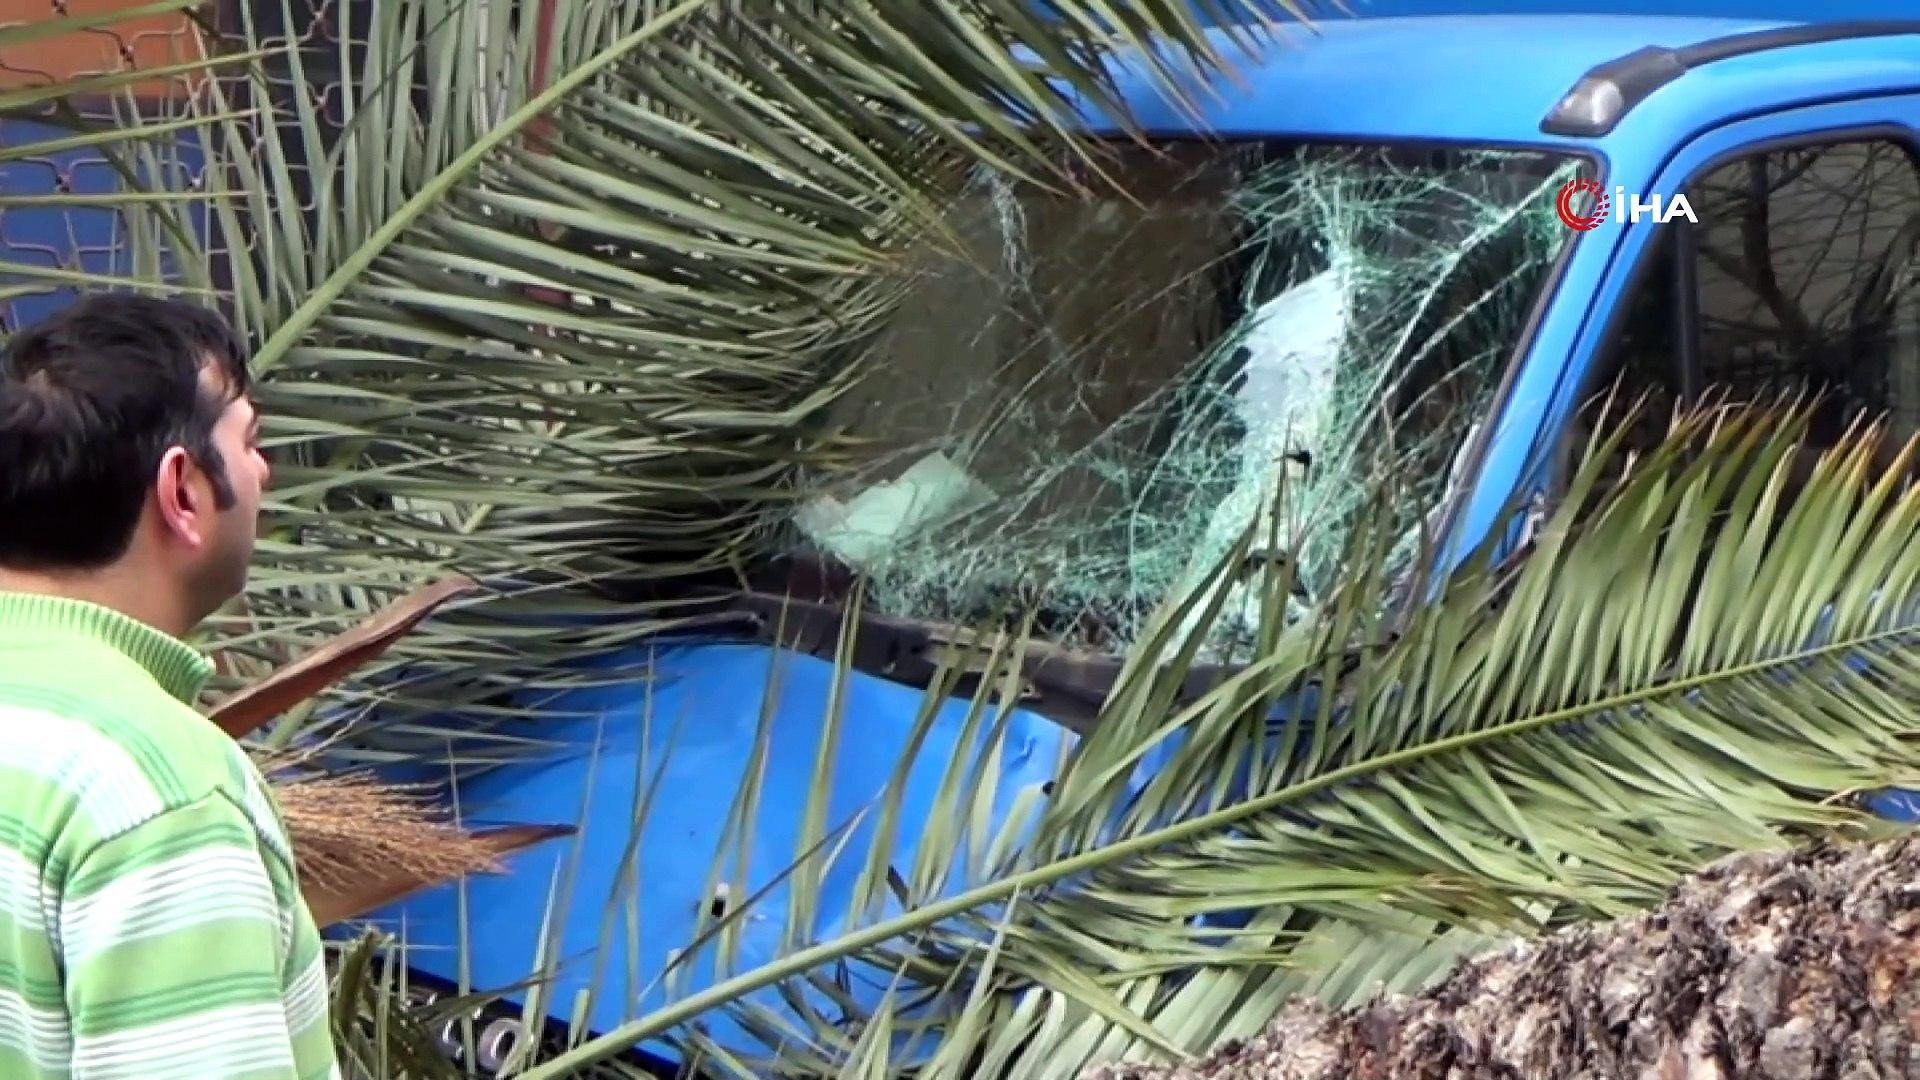 Hatay'da fırtına ağaçları devirdi, otomobiller hasar gördü